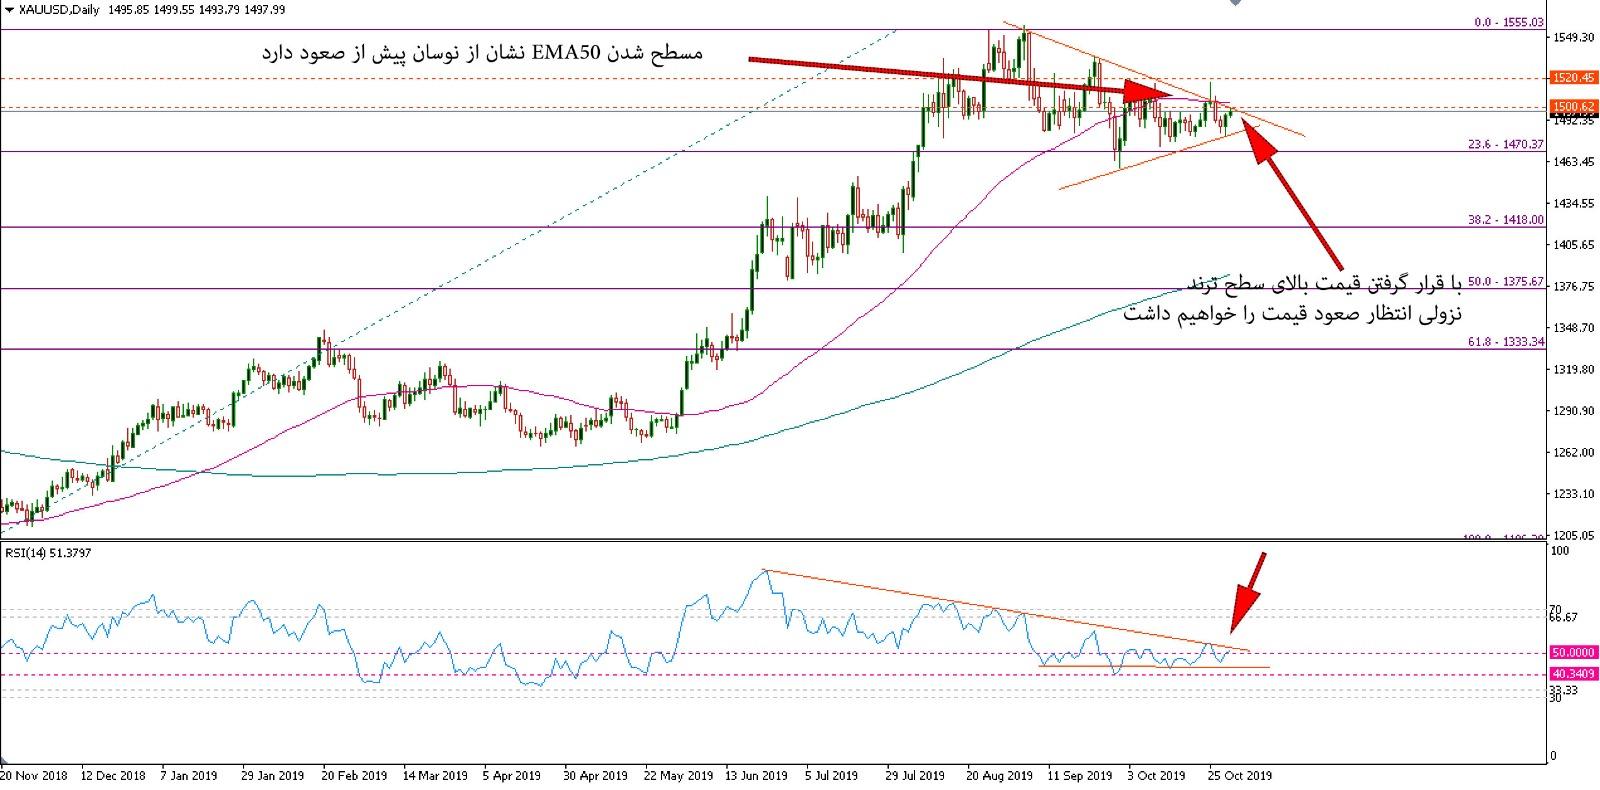 صعود قیمت طلا تا سطح ۱۵۴۰ دلار